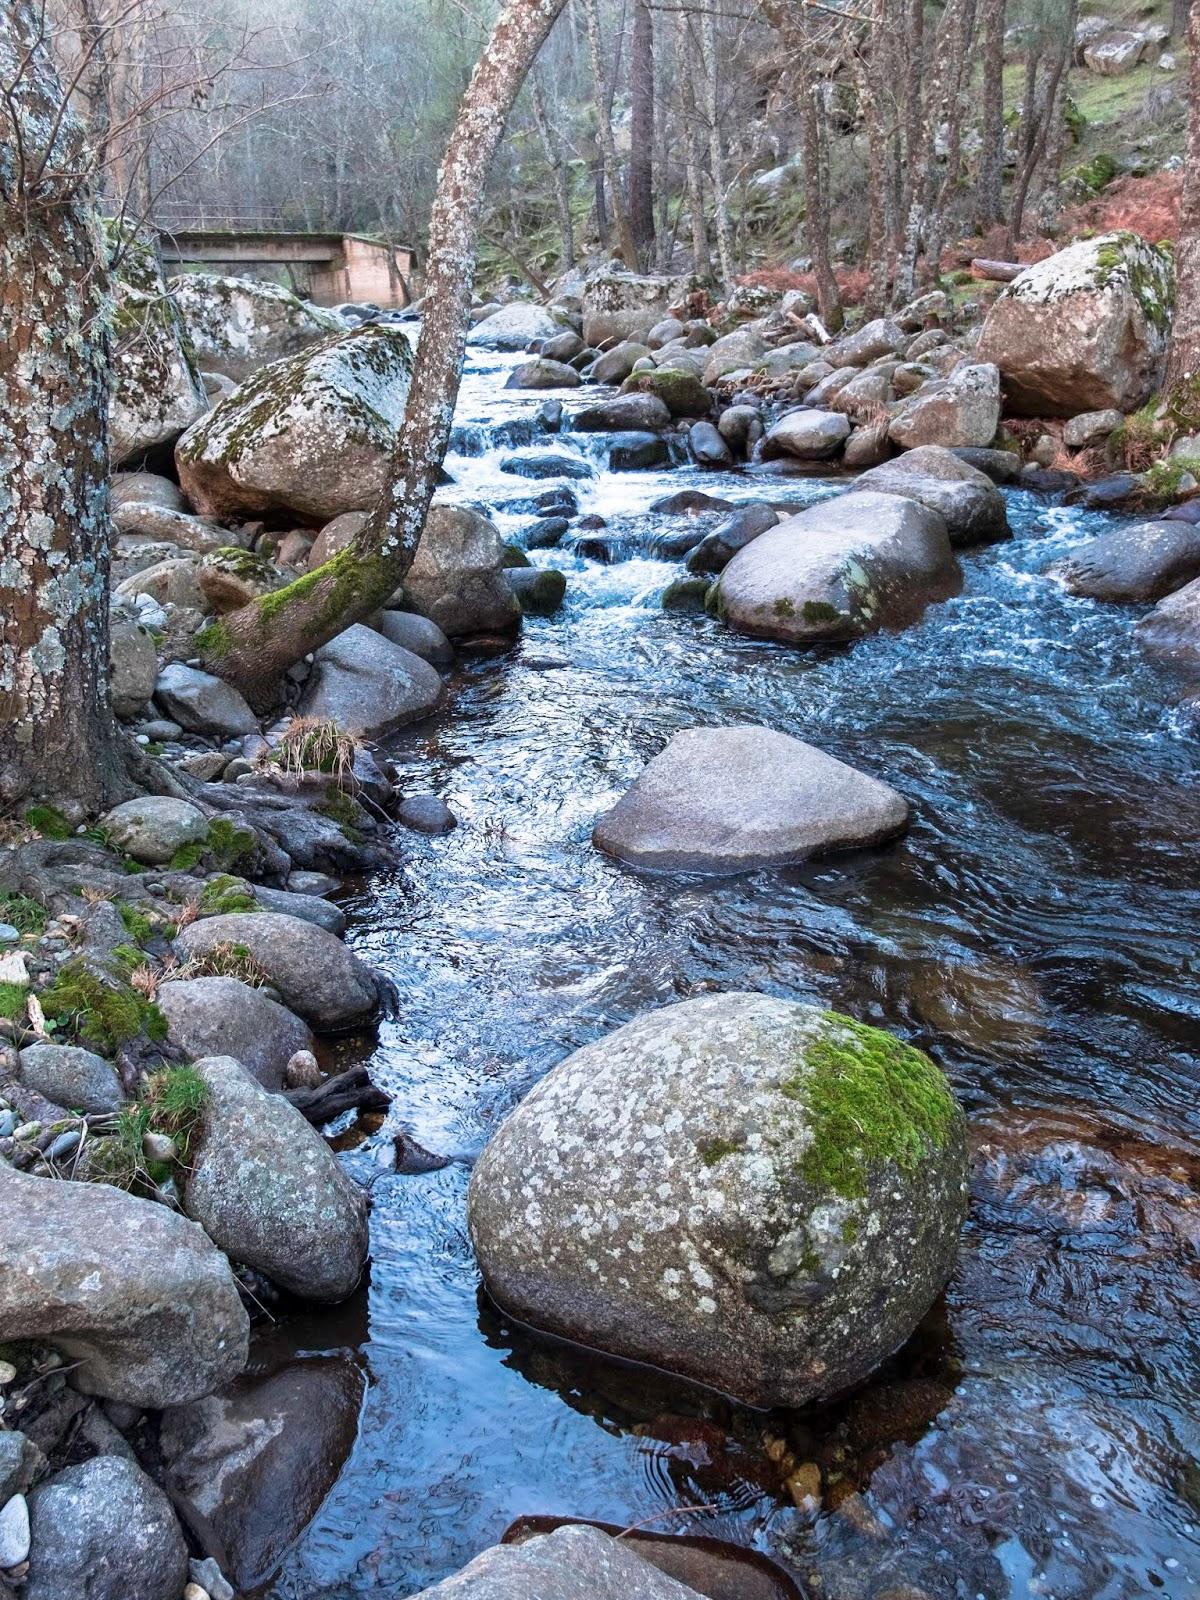 Piedras y Agua, Valle de Iruelas, Avila 2017